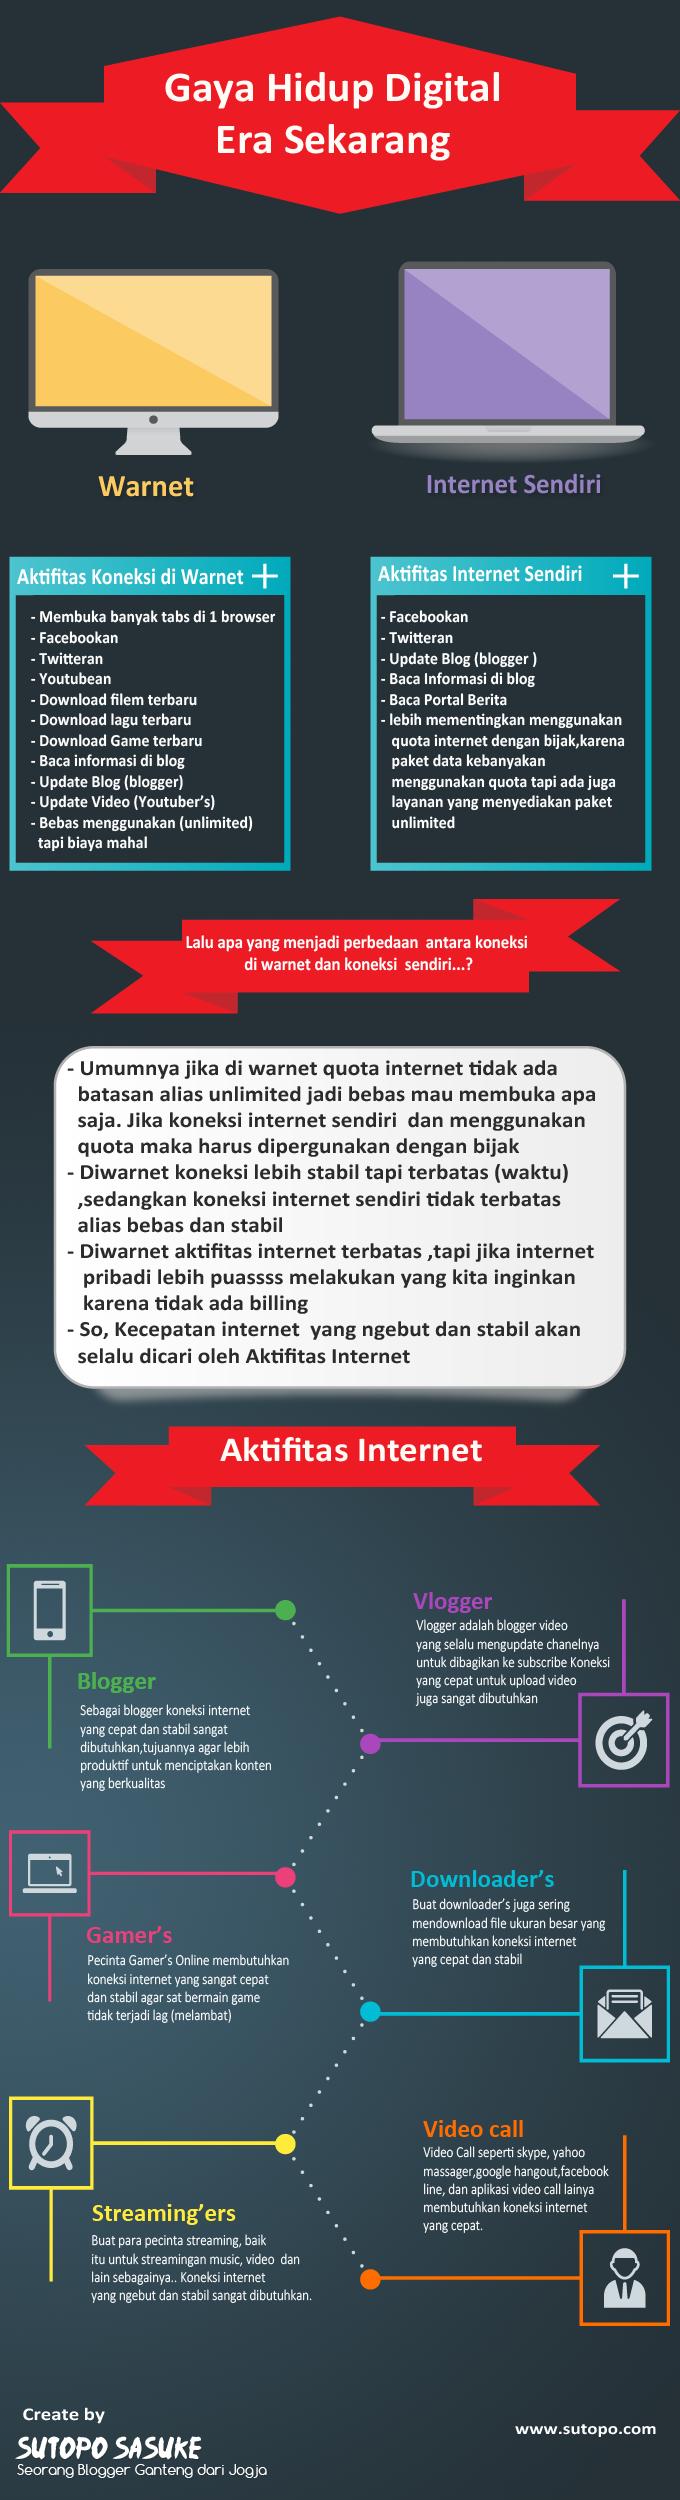 Aktifitas Internet